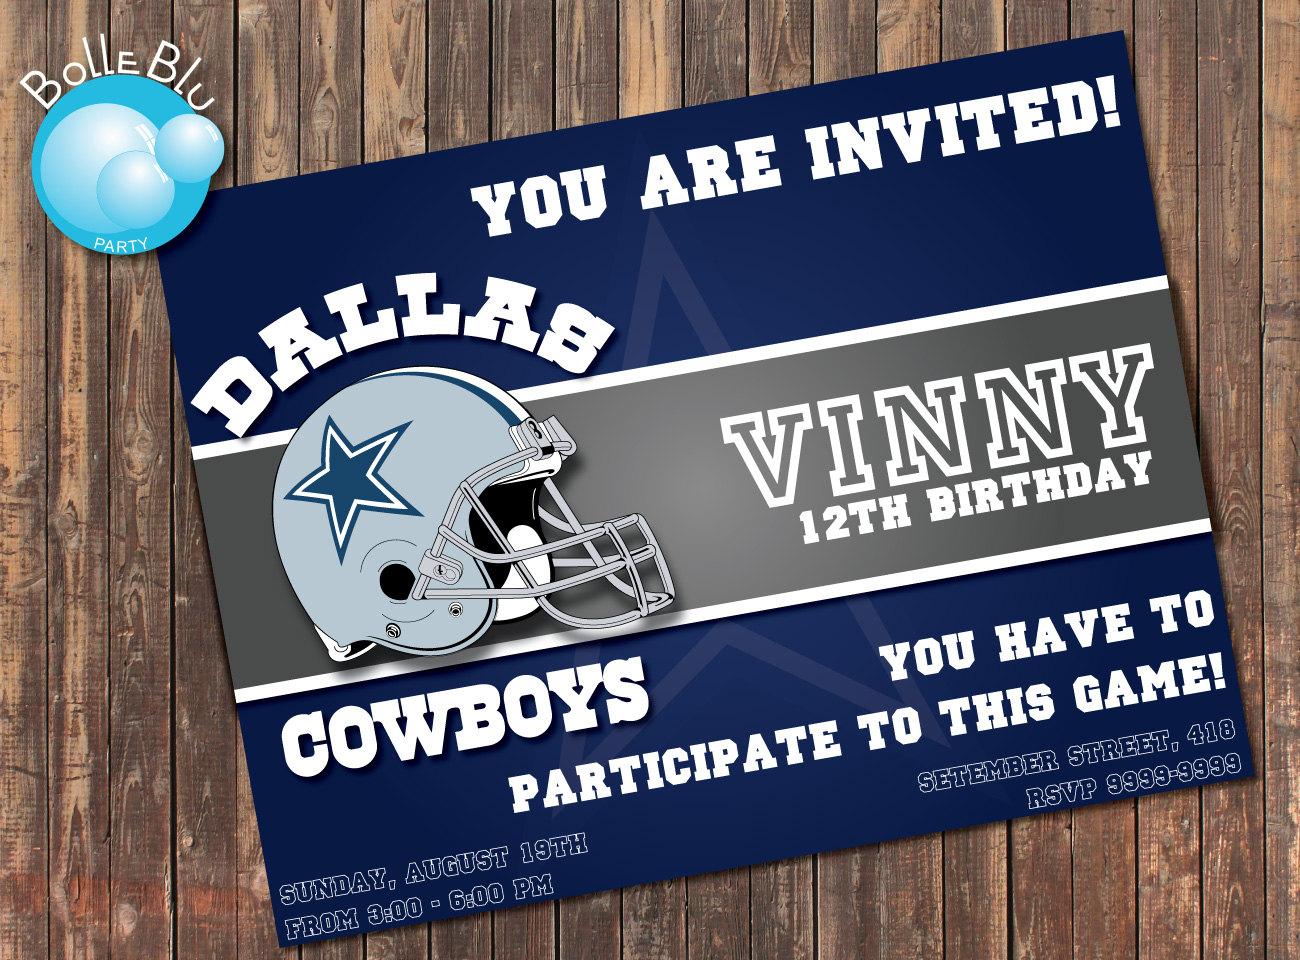 Dallas Cowboy Invitations Free Printable Invitation Template - Cowboy birthday invitation template